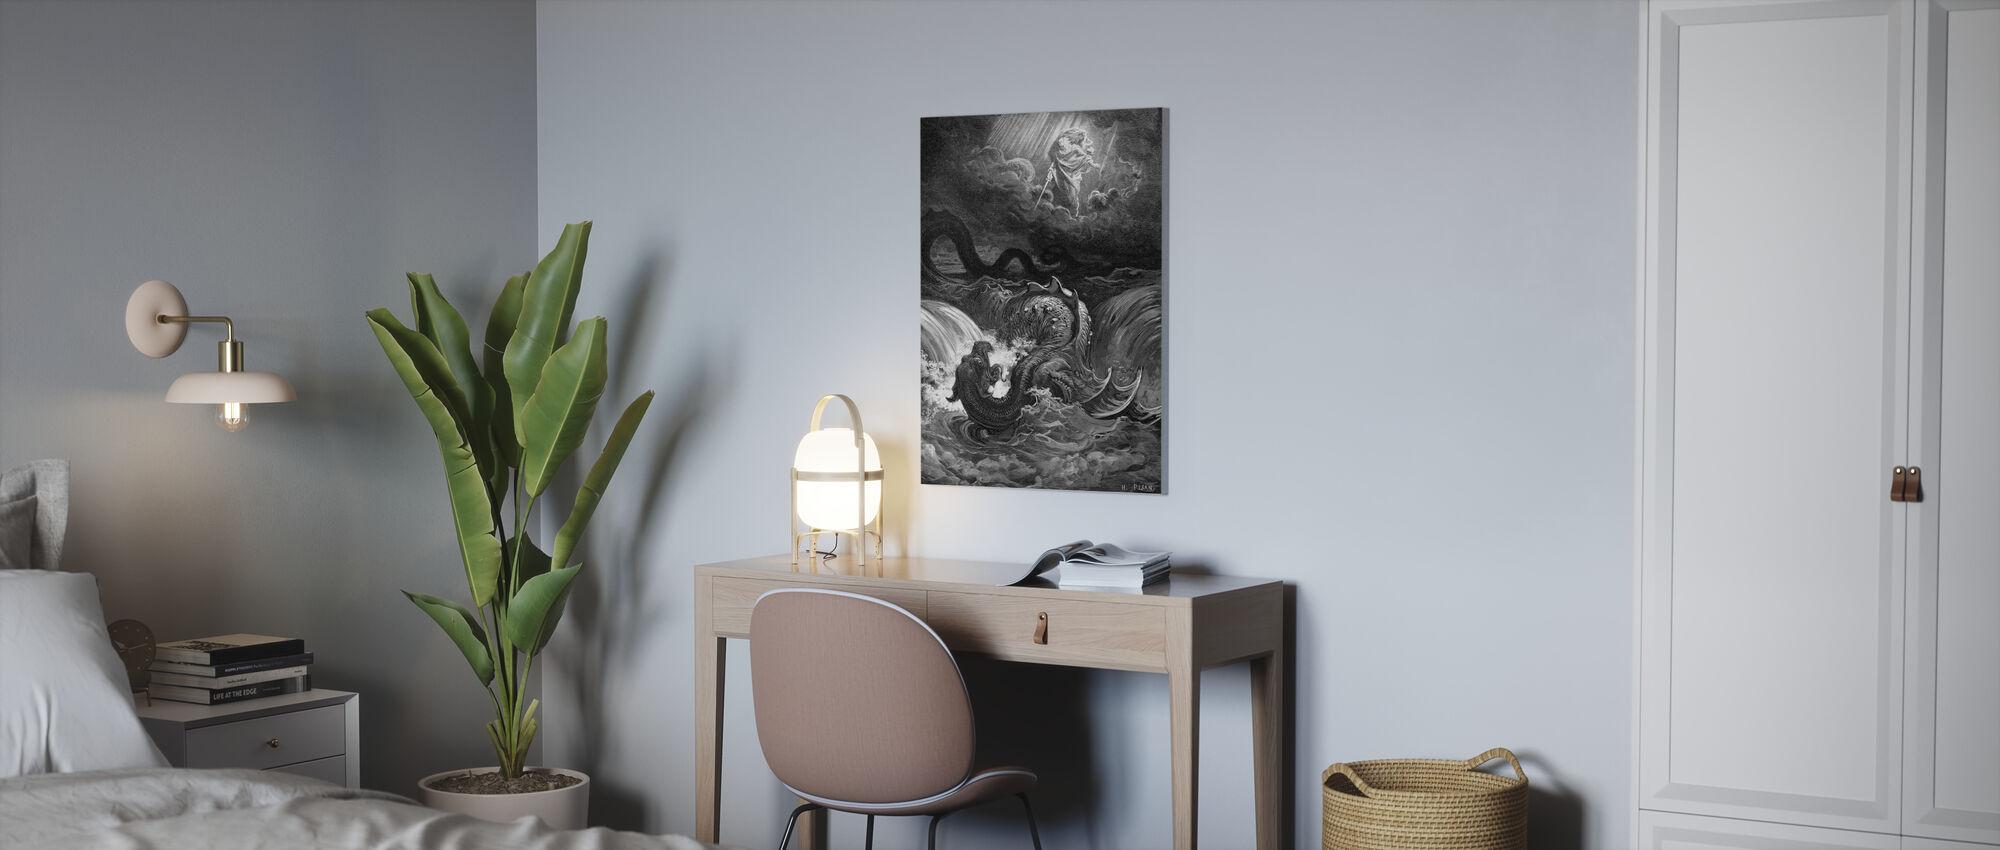 Esaias Figlio - Gustave Dore - Stampa su tela - Uffici